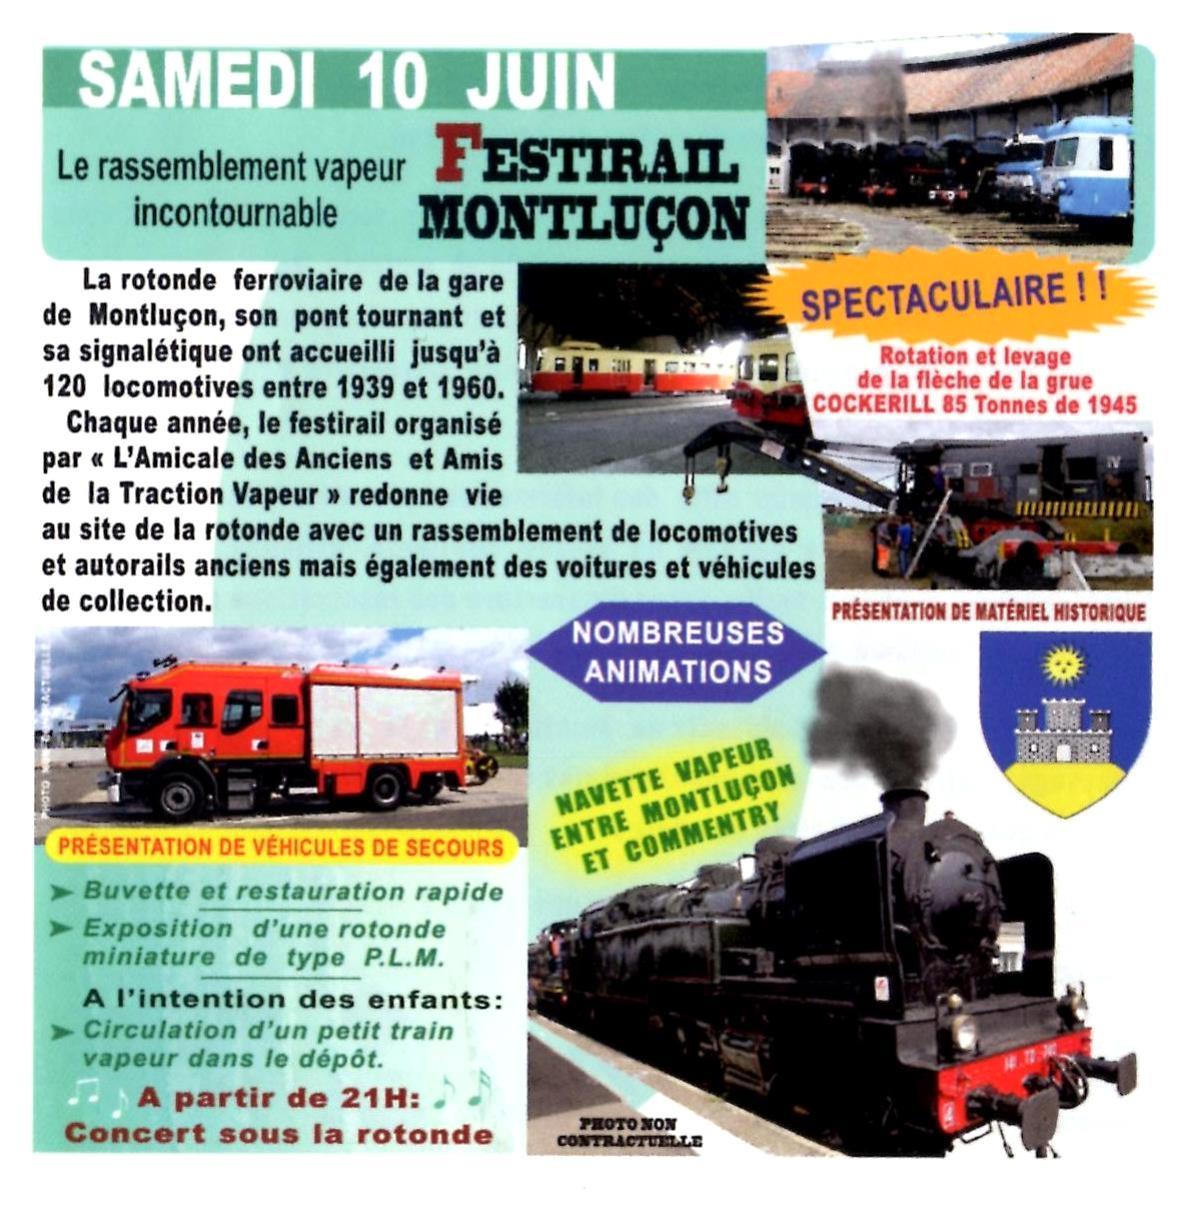 Festirail à Montluçon